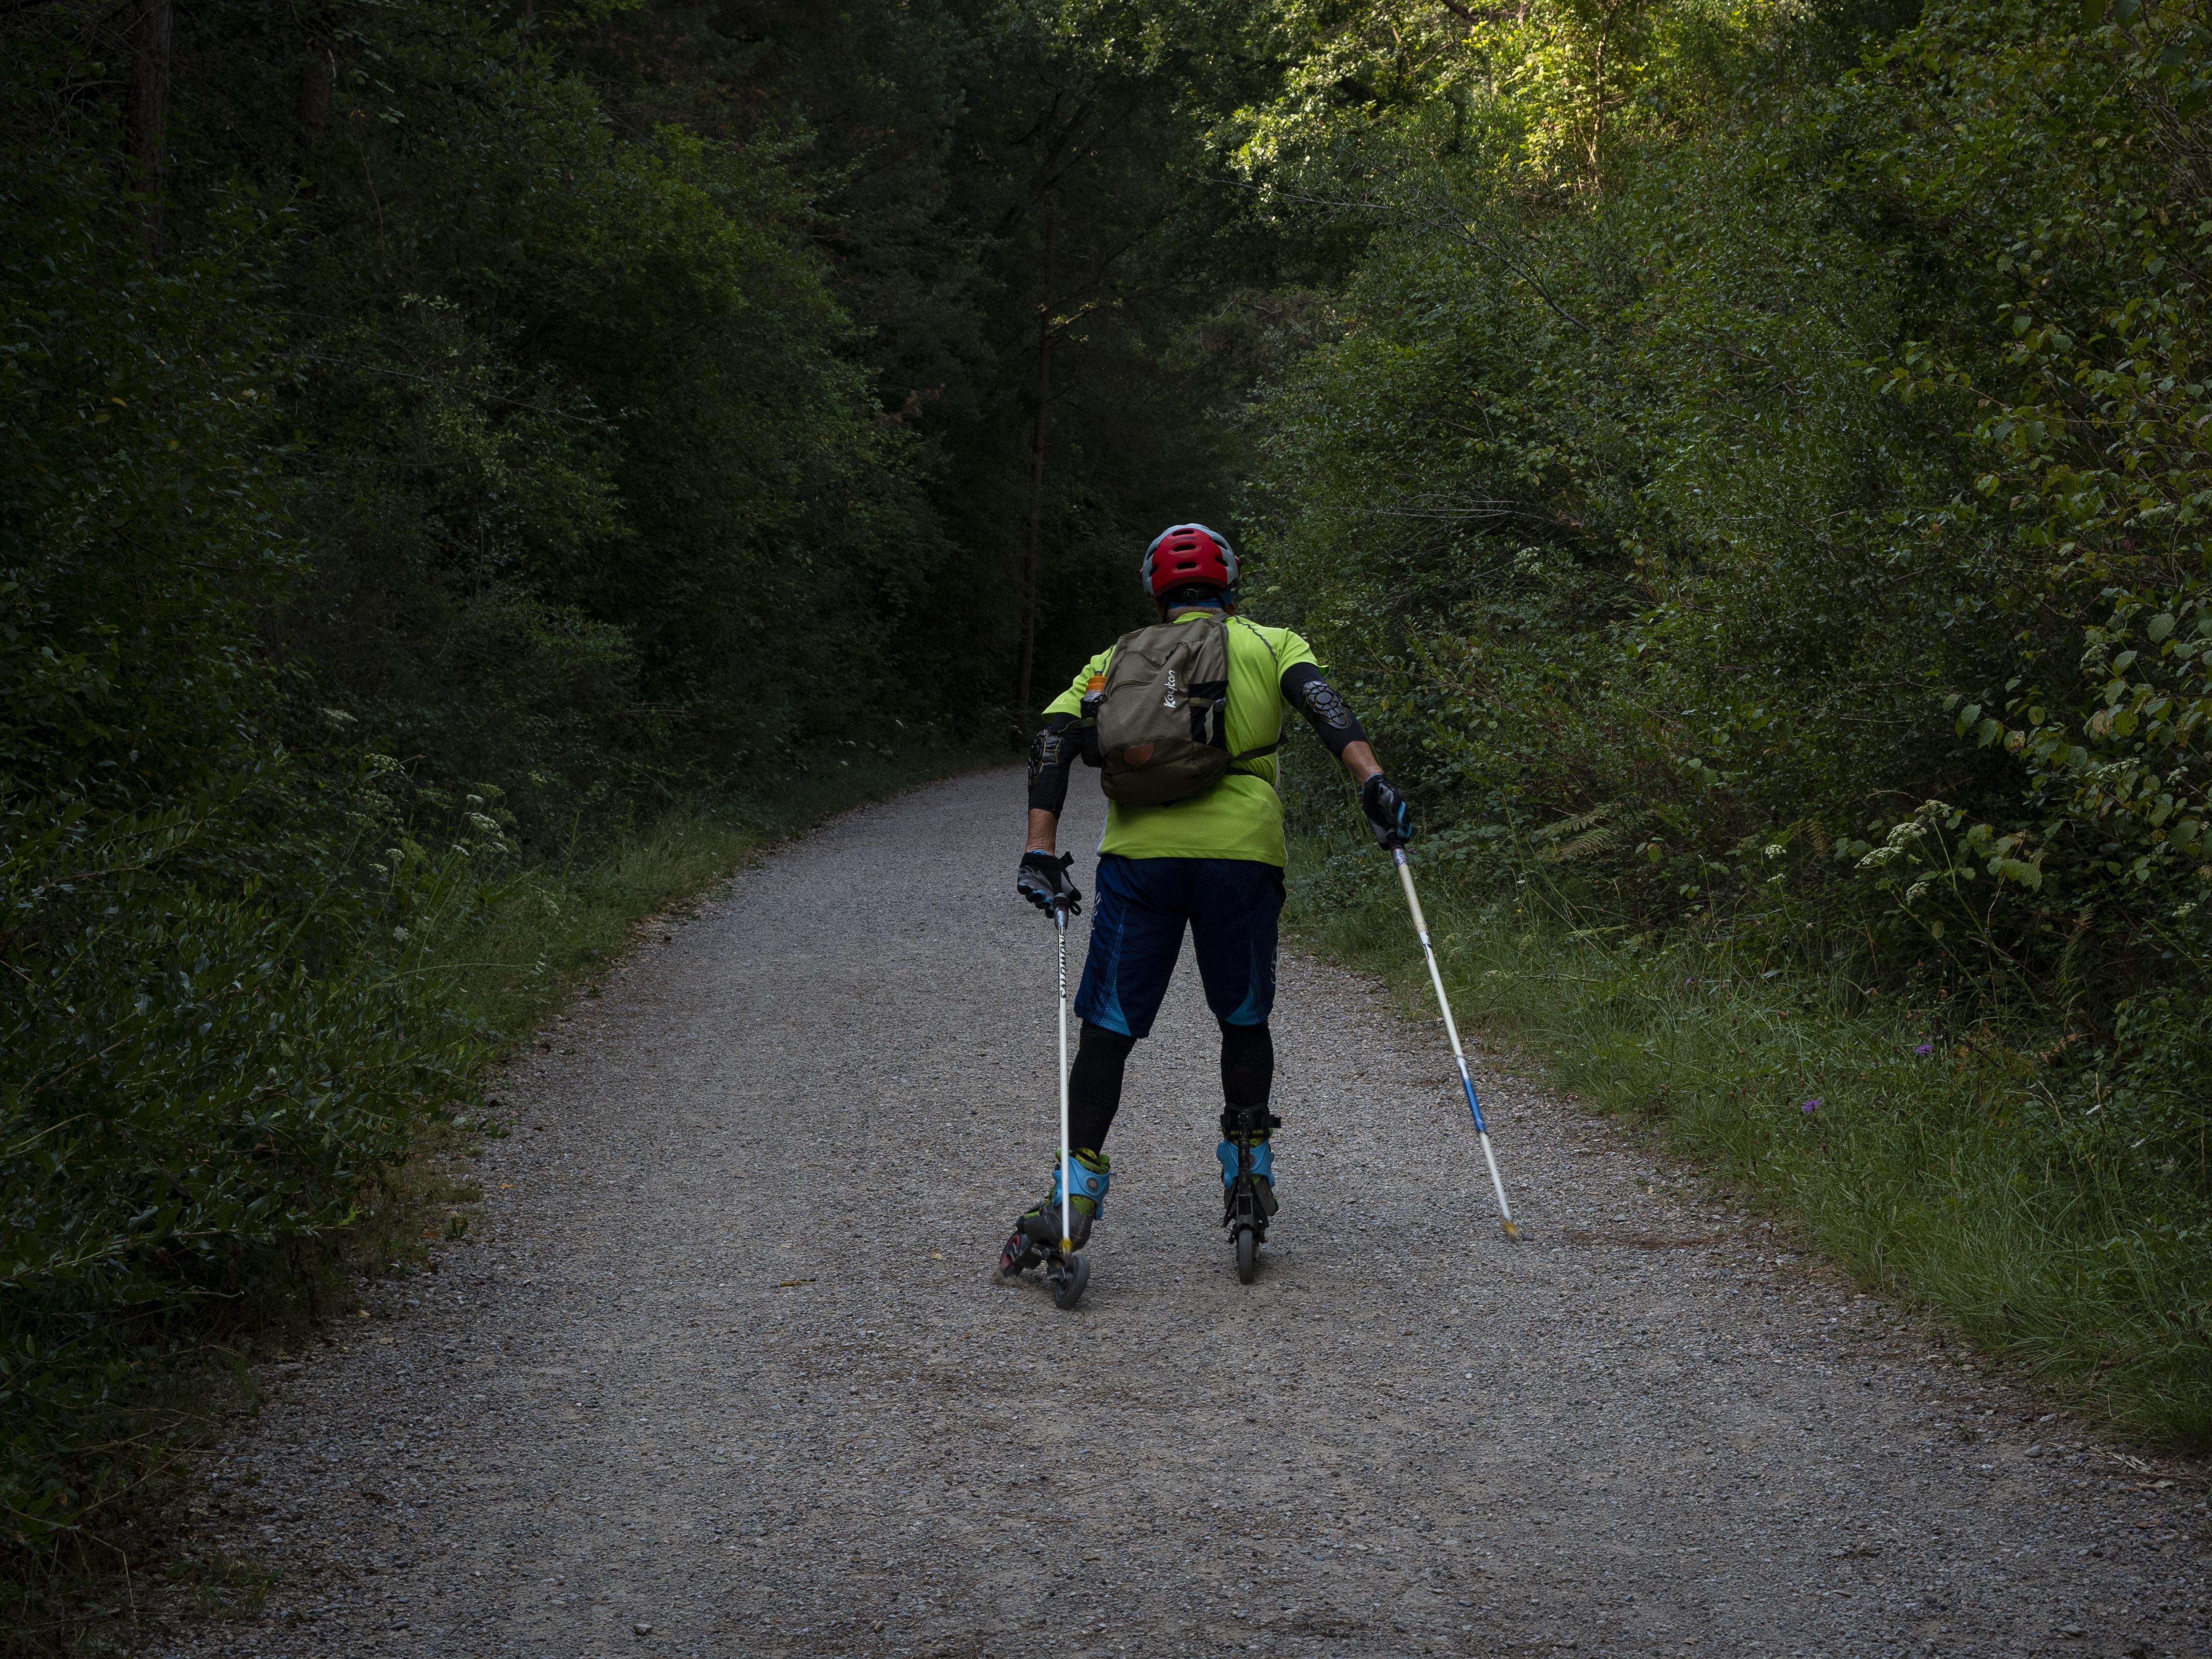 Es poden practicar diferents disciplines esportives a la Via Verda de Cal Rosal a PedretVia Verda de Cal Rosal a Pedret. FOTO: Anna E. Puig